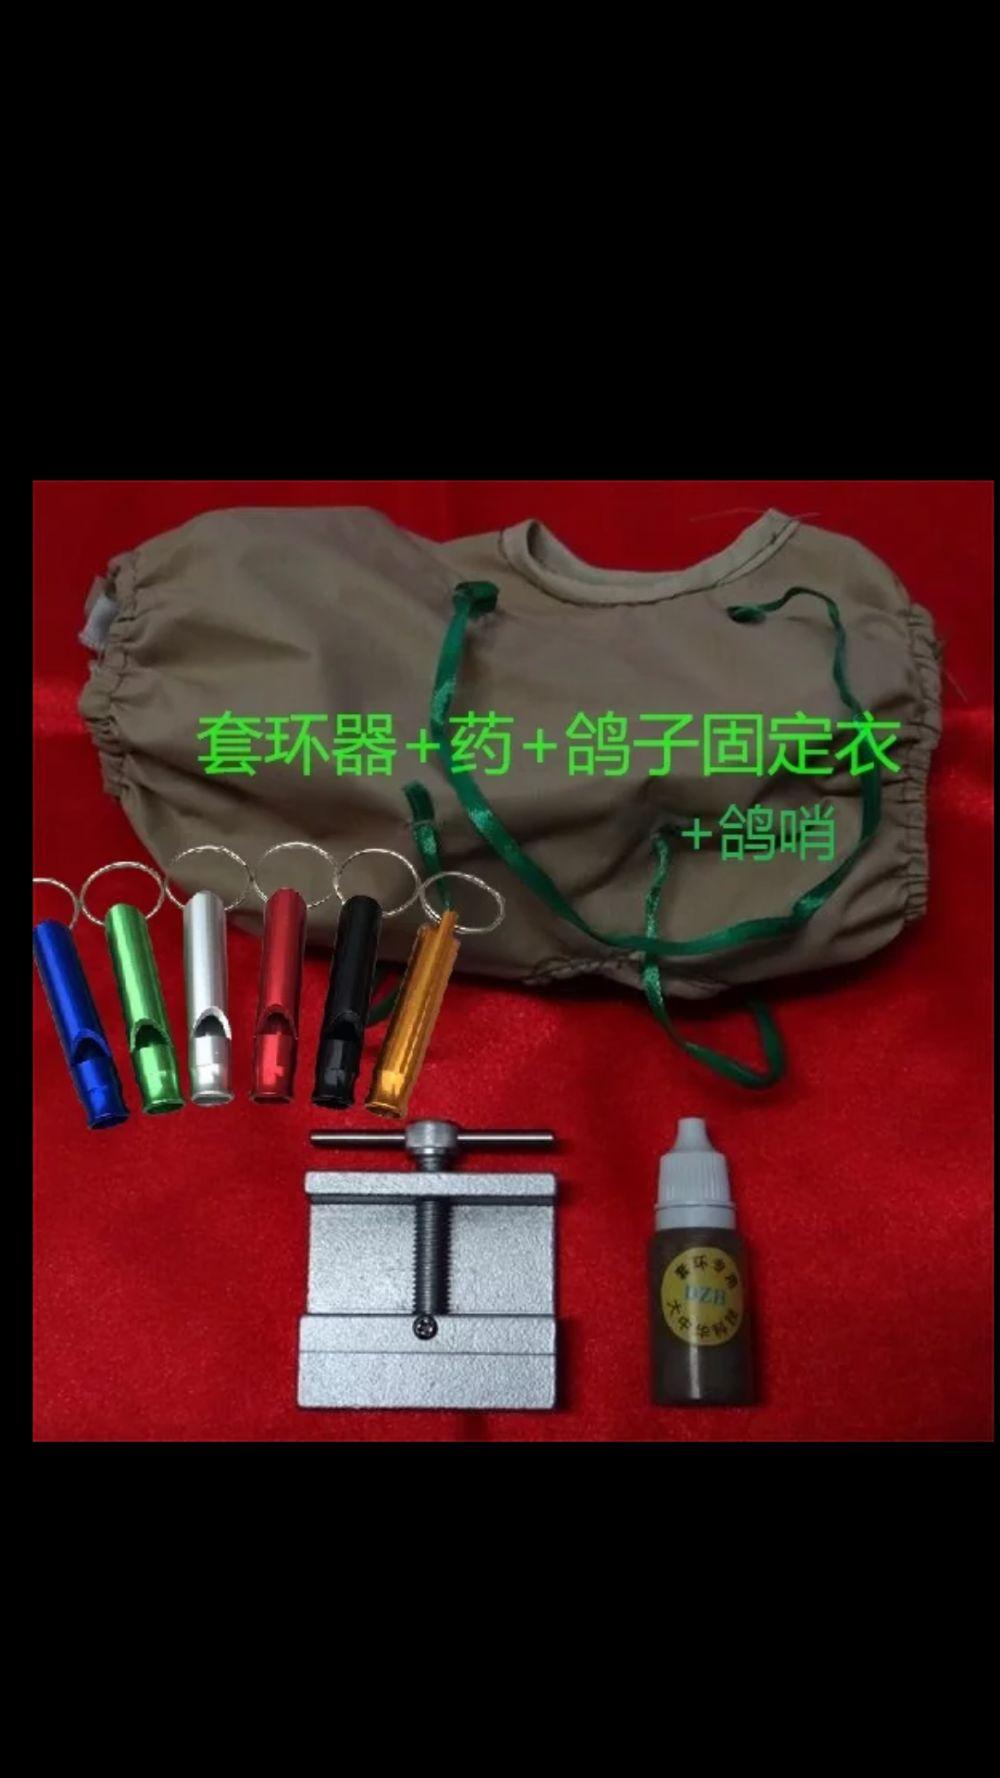 全钢台湾第四代套环器。